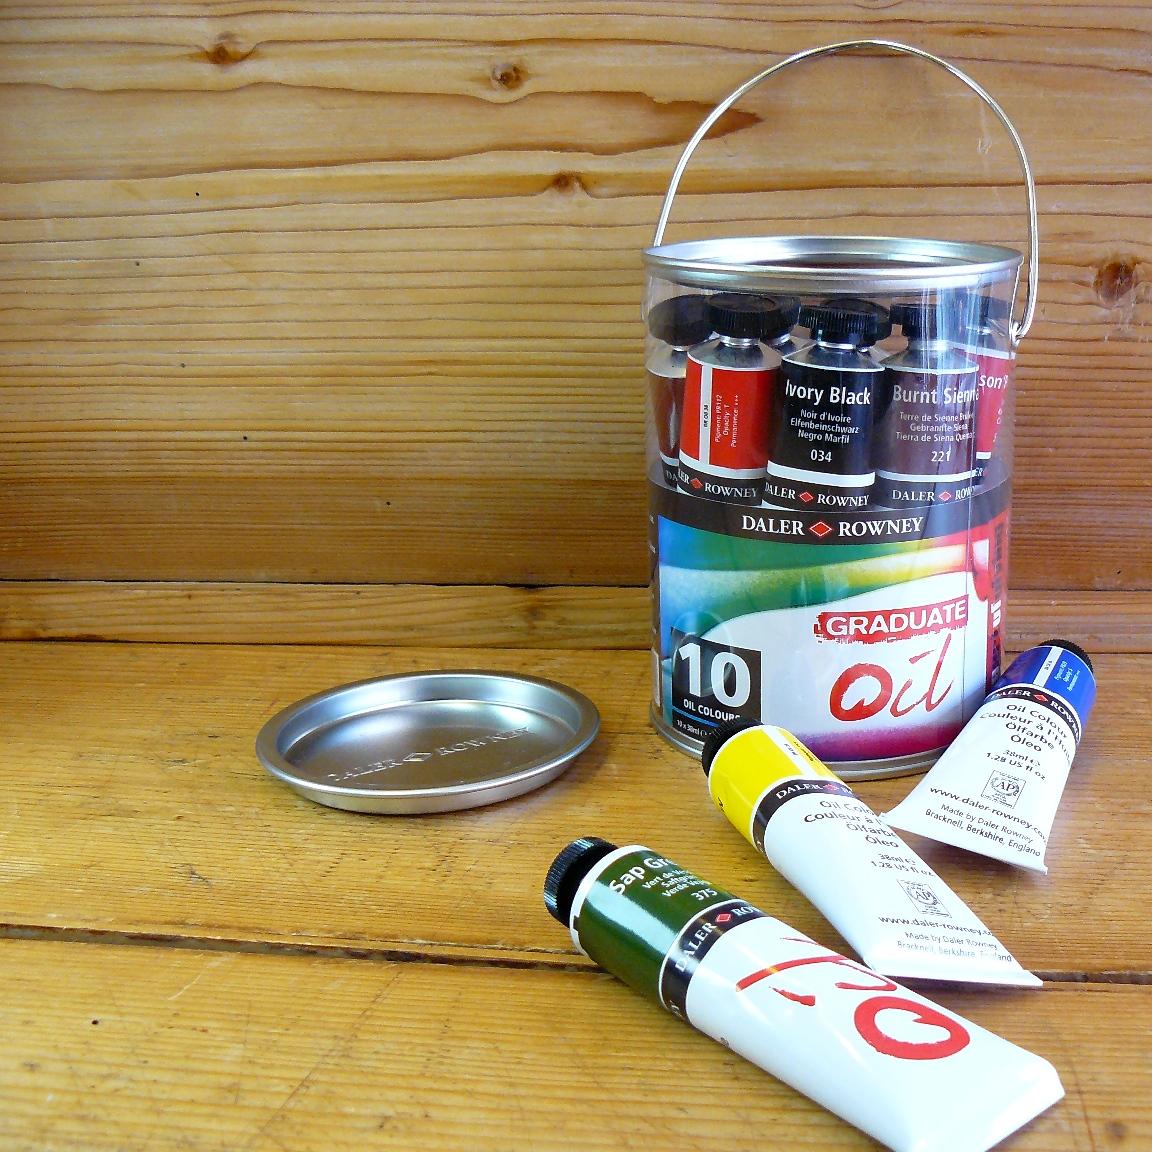 billigermalen dose mit 10 tuben daler rowney graduate oil farben 38ml k nstlerbedarf. Black Bedroom Furniture Sets. Home Design Ideas